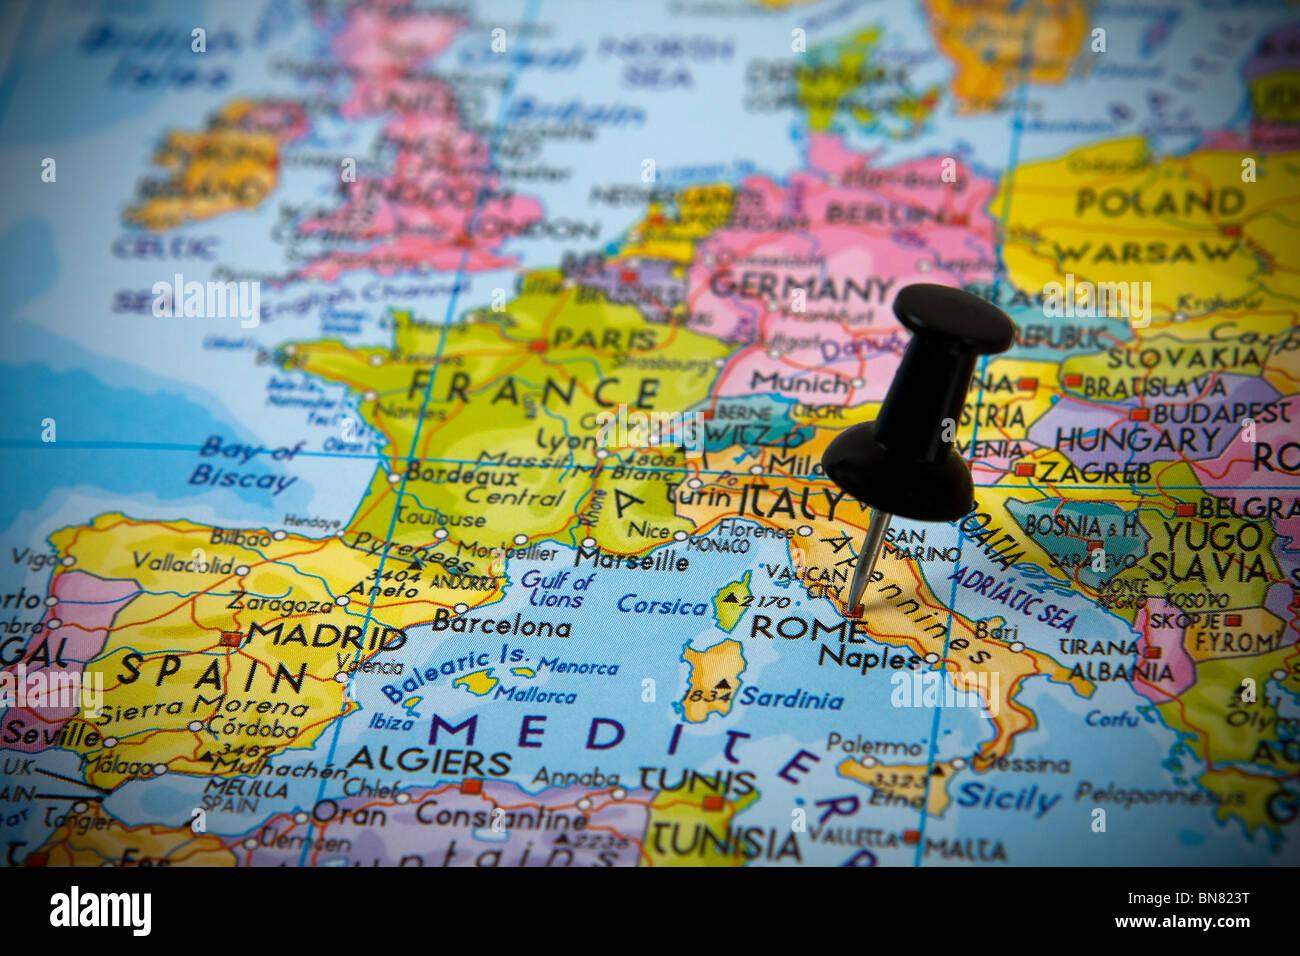 Carte De Leurope Rome.Petite Broche Pointant Sur Rome Italie Dans Une Carte De L